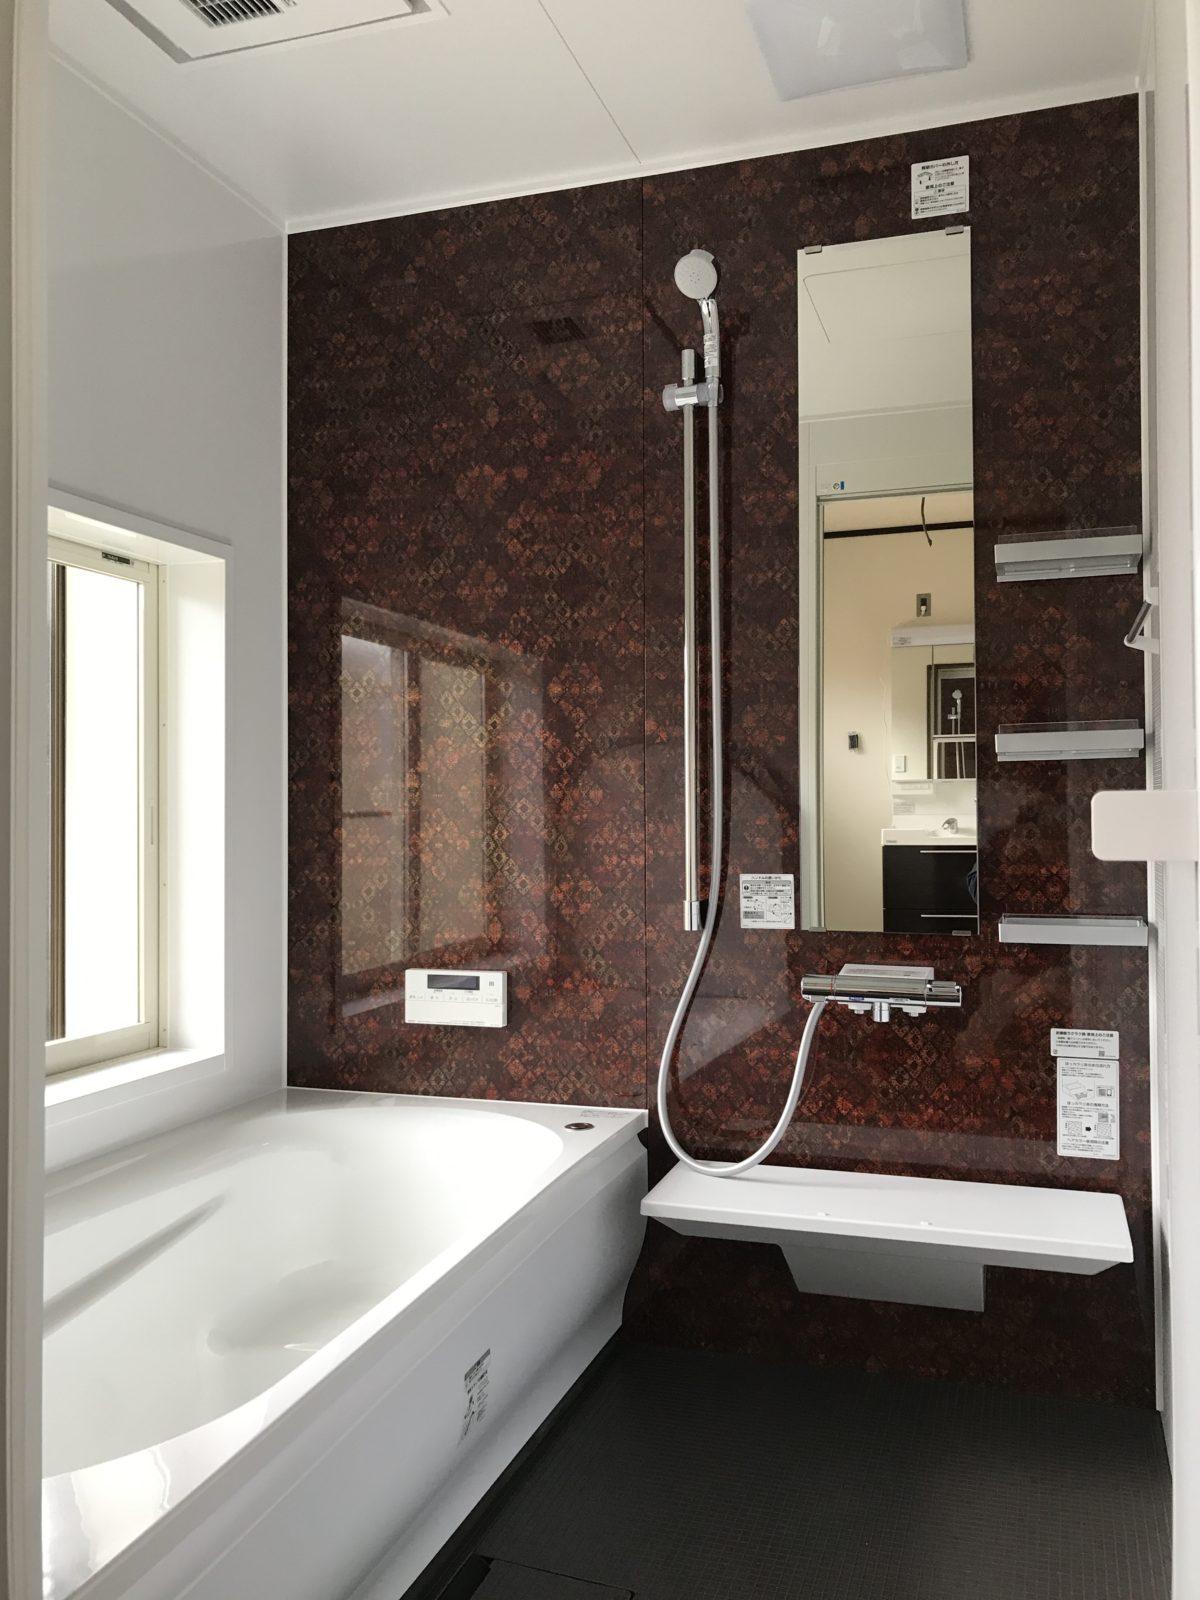 【浴室】暖房機付き